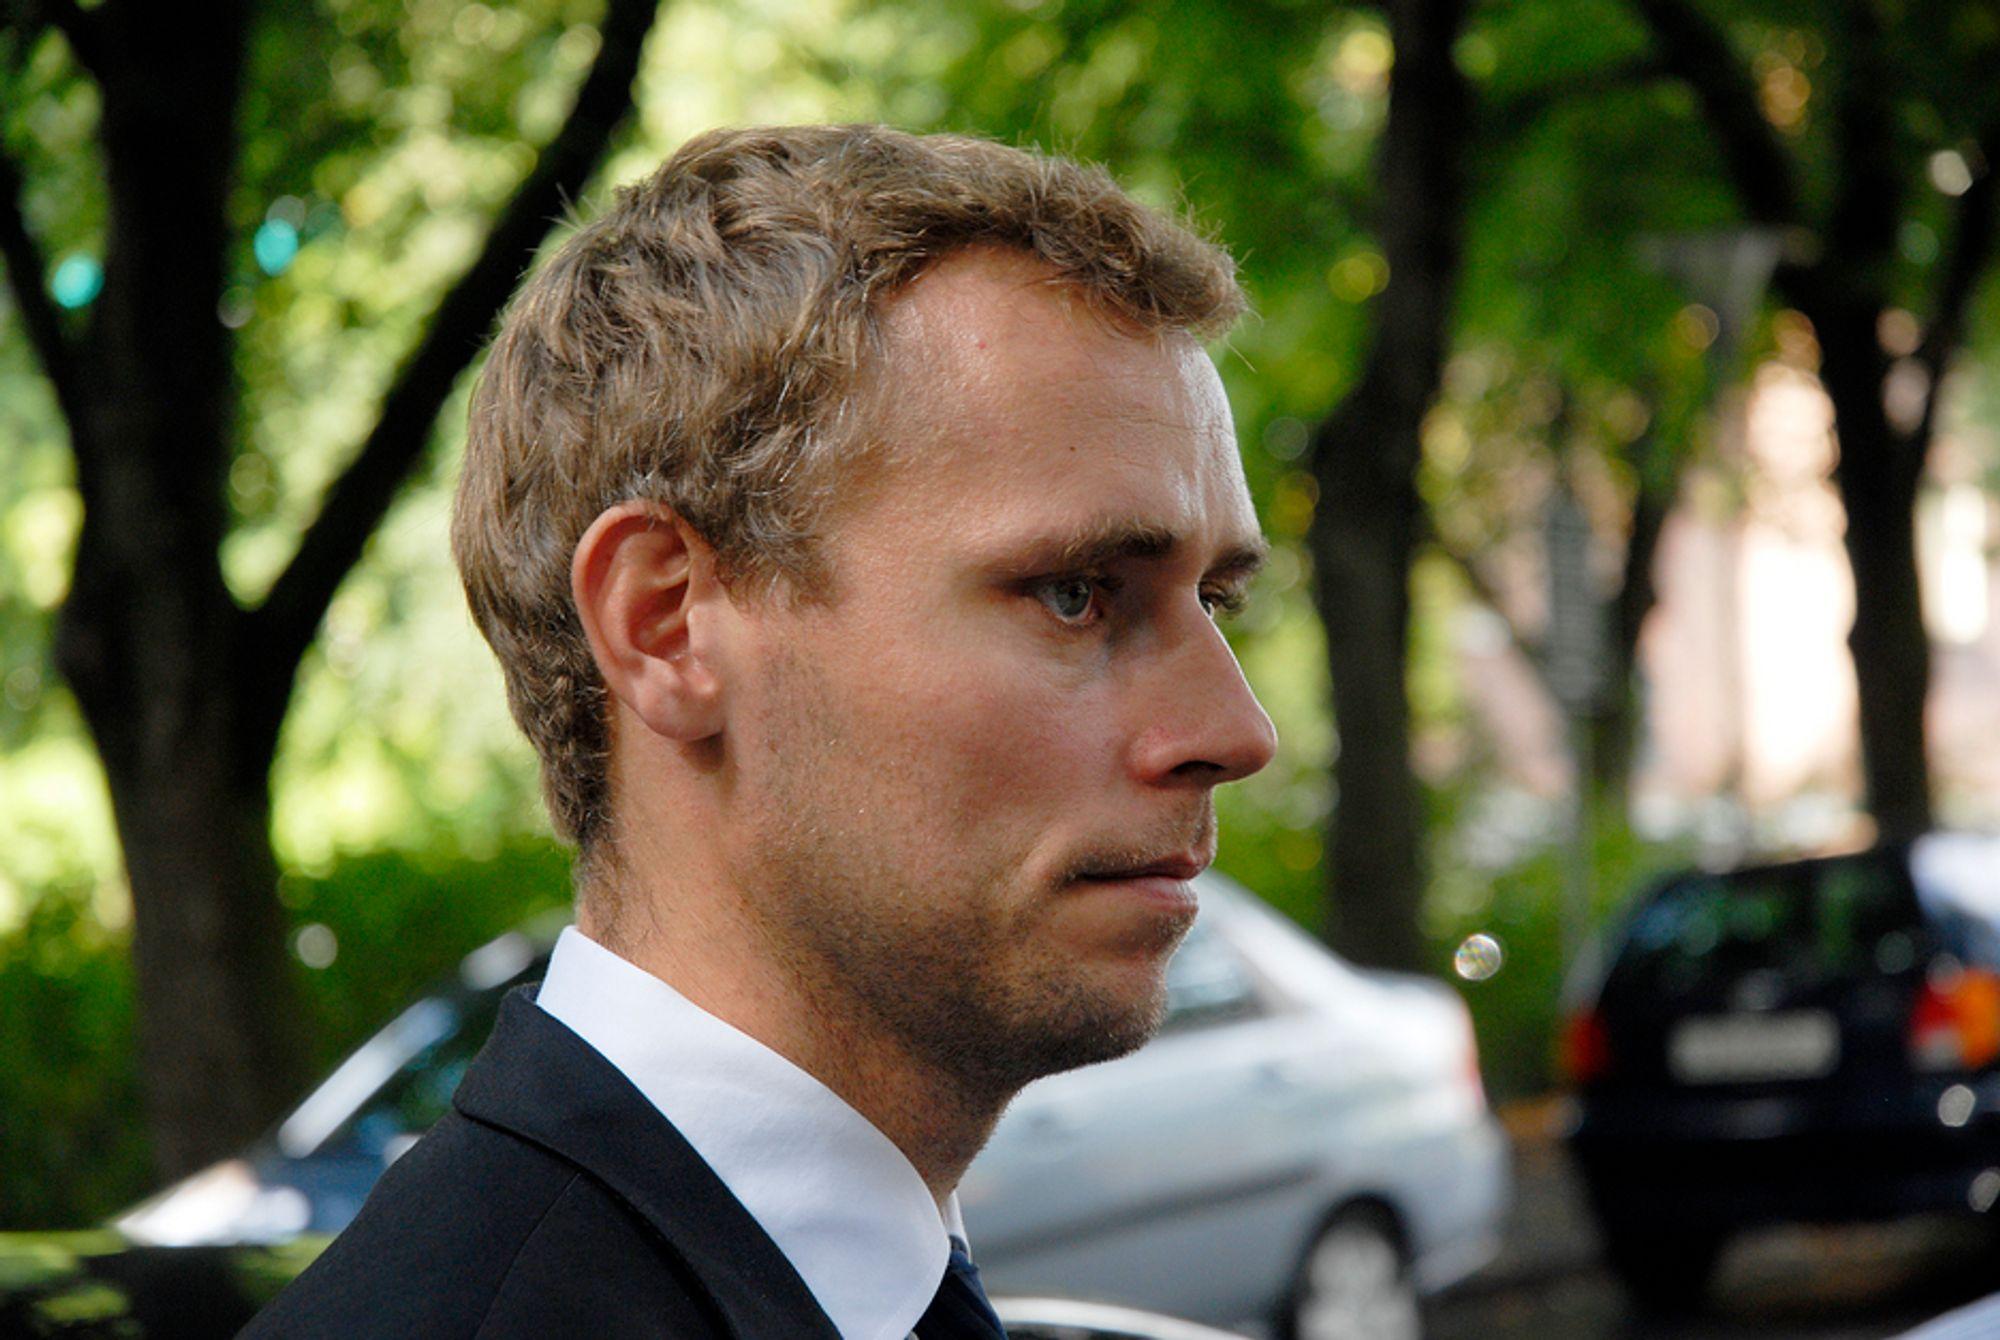 """KRITISK TIL BRUSSEL: Norge er bedre skikket til å vurdere reguleringen av norske vassdrag enn Esa-byråkrater i Brüssel som """"knapt har sett en regulert elv"""", mener energiminister Ola Borten Moe (Sp)."""